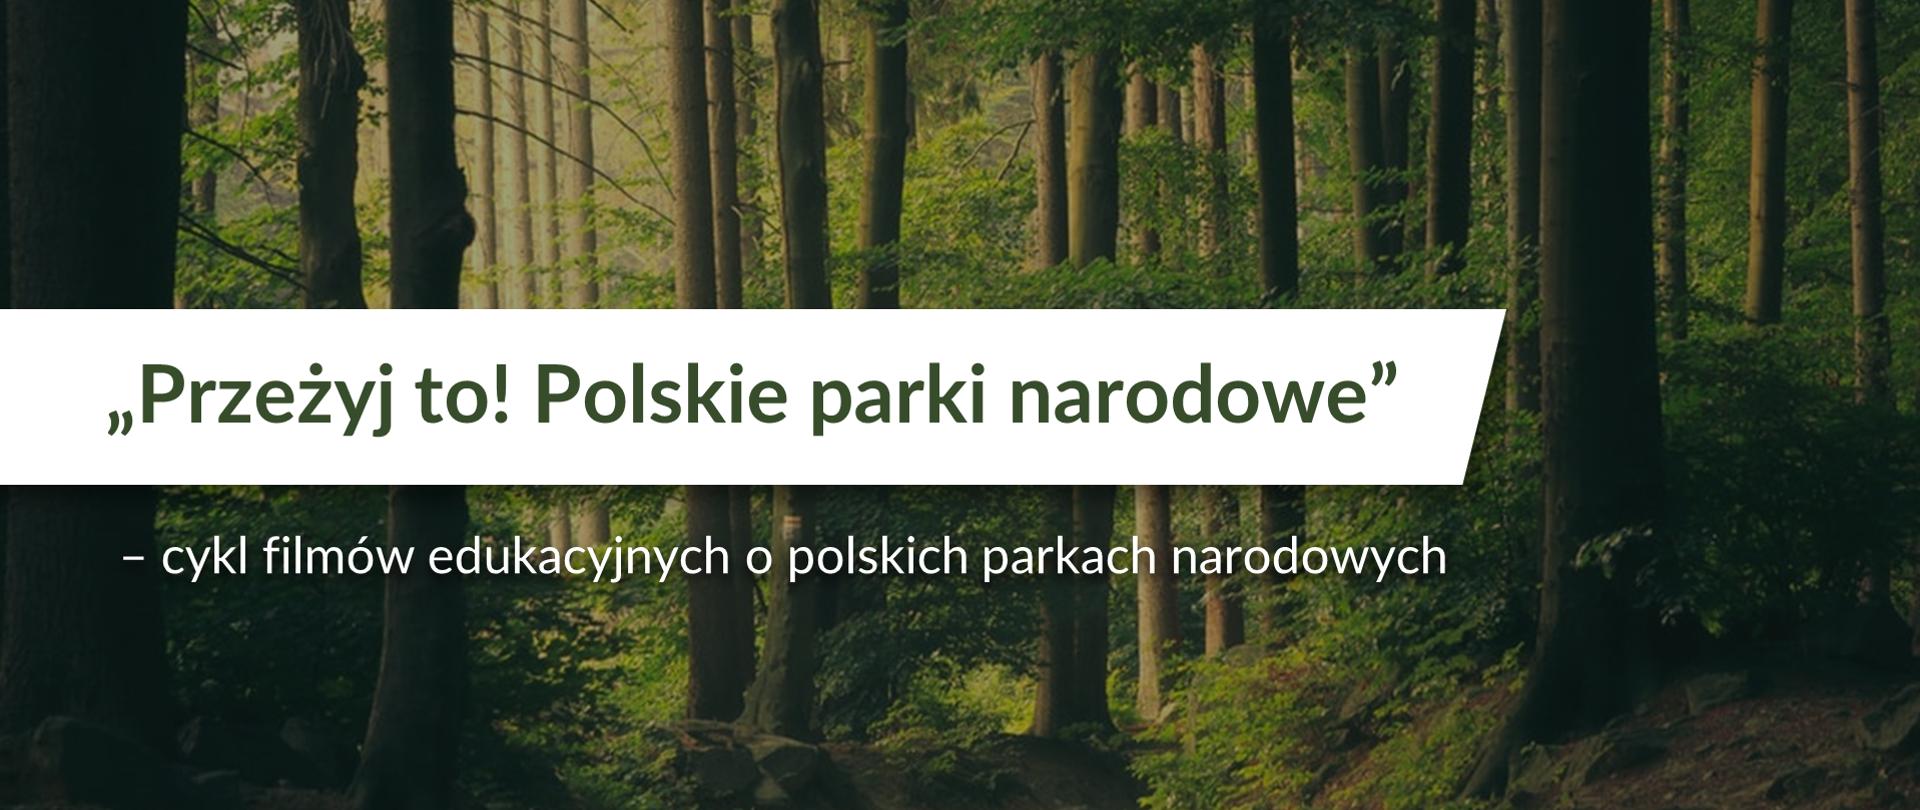 Leśna droga otoczona wysokimi drzewami. Na środku napis Przeżyj to! Polskie parki narodowe - cykl filmów edukacyjnych o polskich parkach narodowych